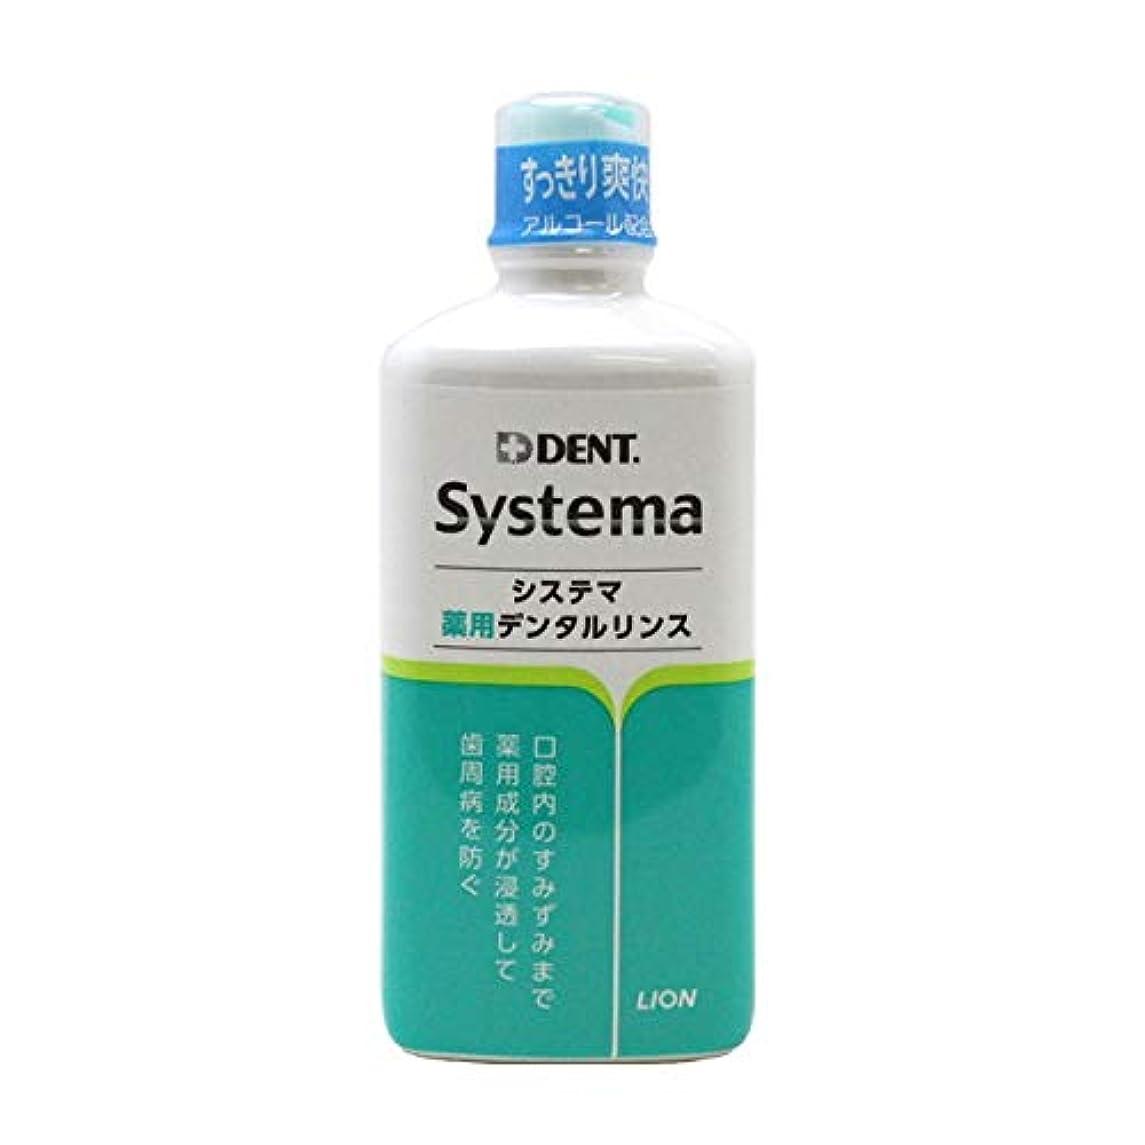 ライオン システマ薬用デンタルリンス レギュラー 450ml